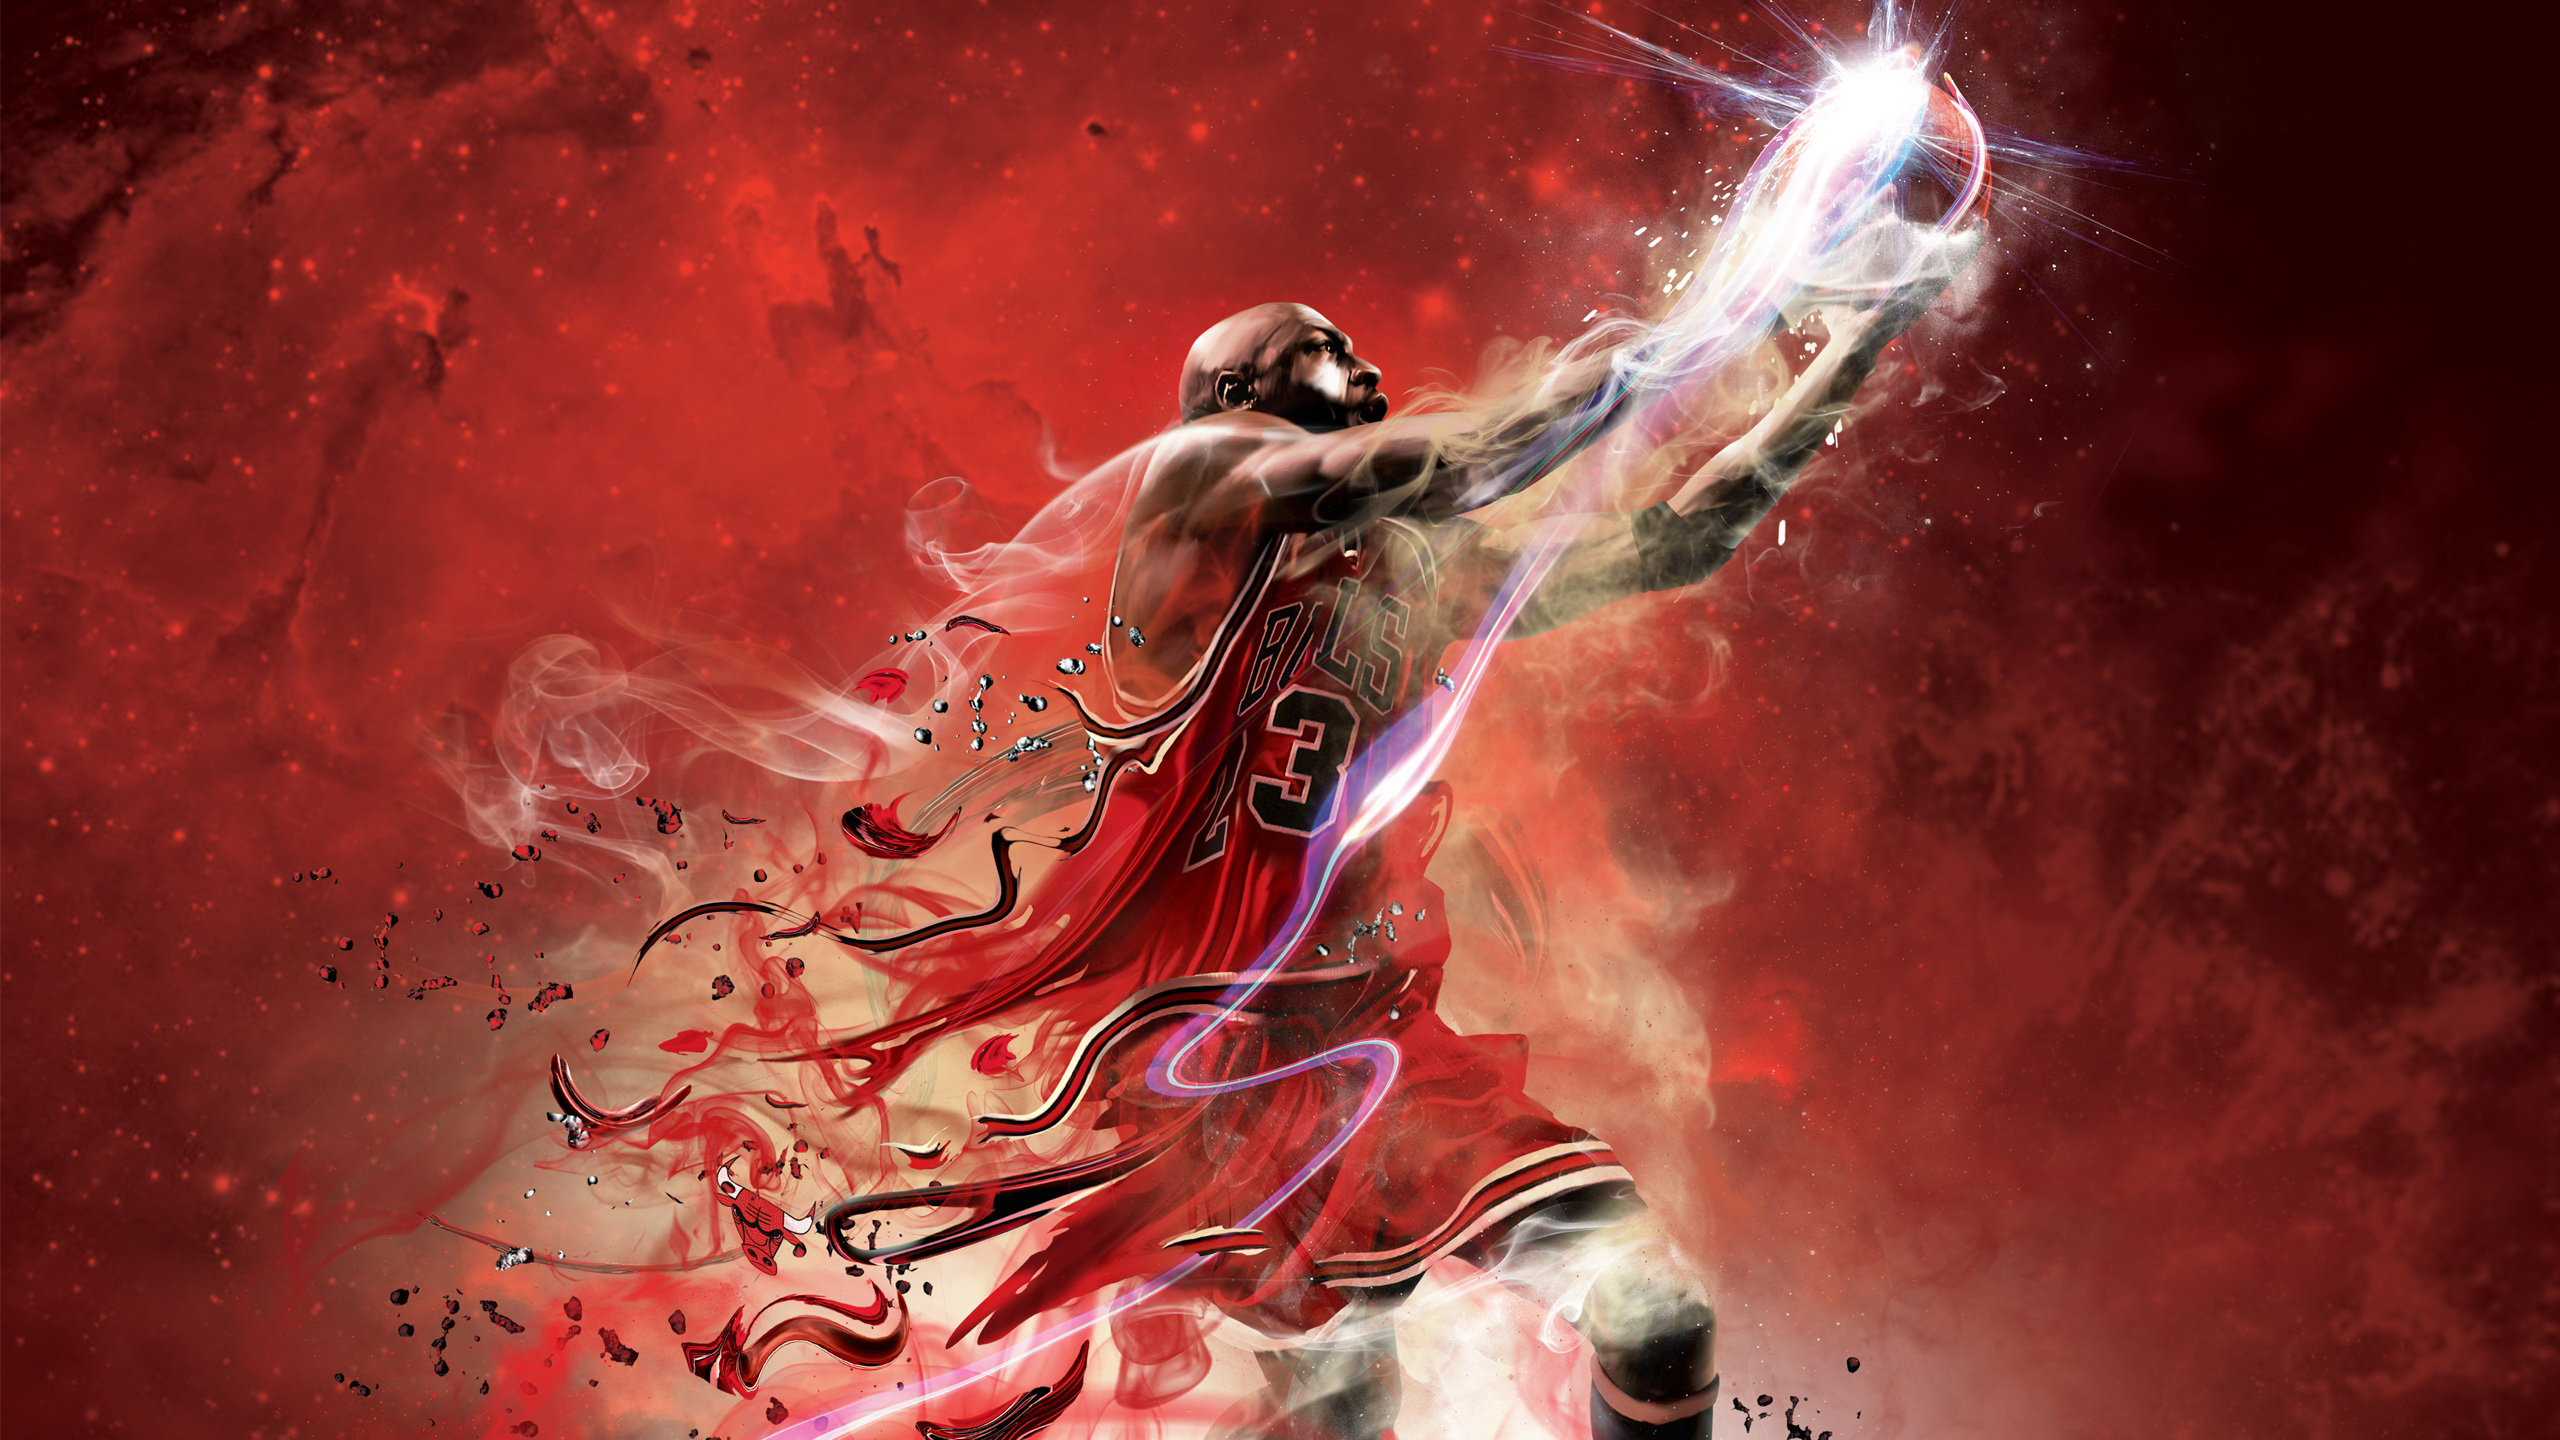 construir Alienación Noticias de última hora  36 Michael Jordan HD Wallpapers | Background Images - Wallpaper Abyss